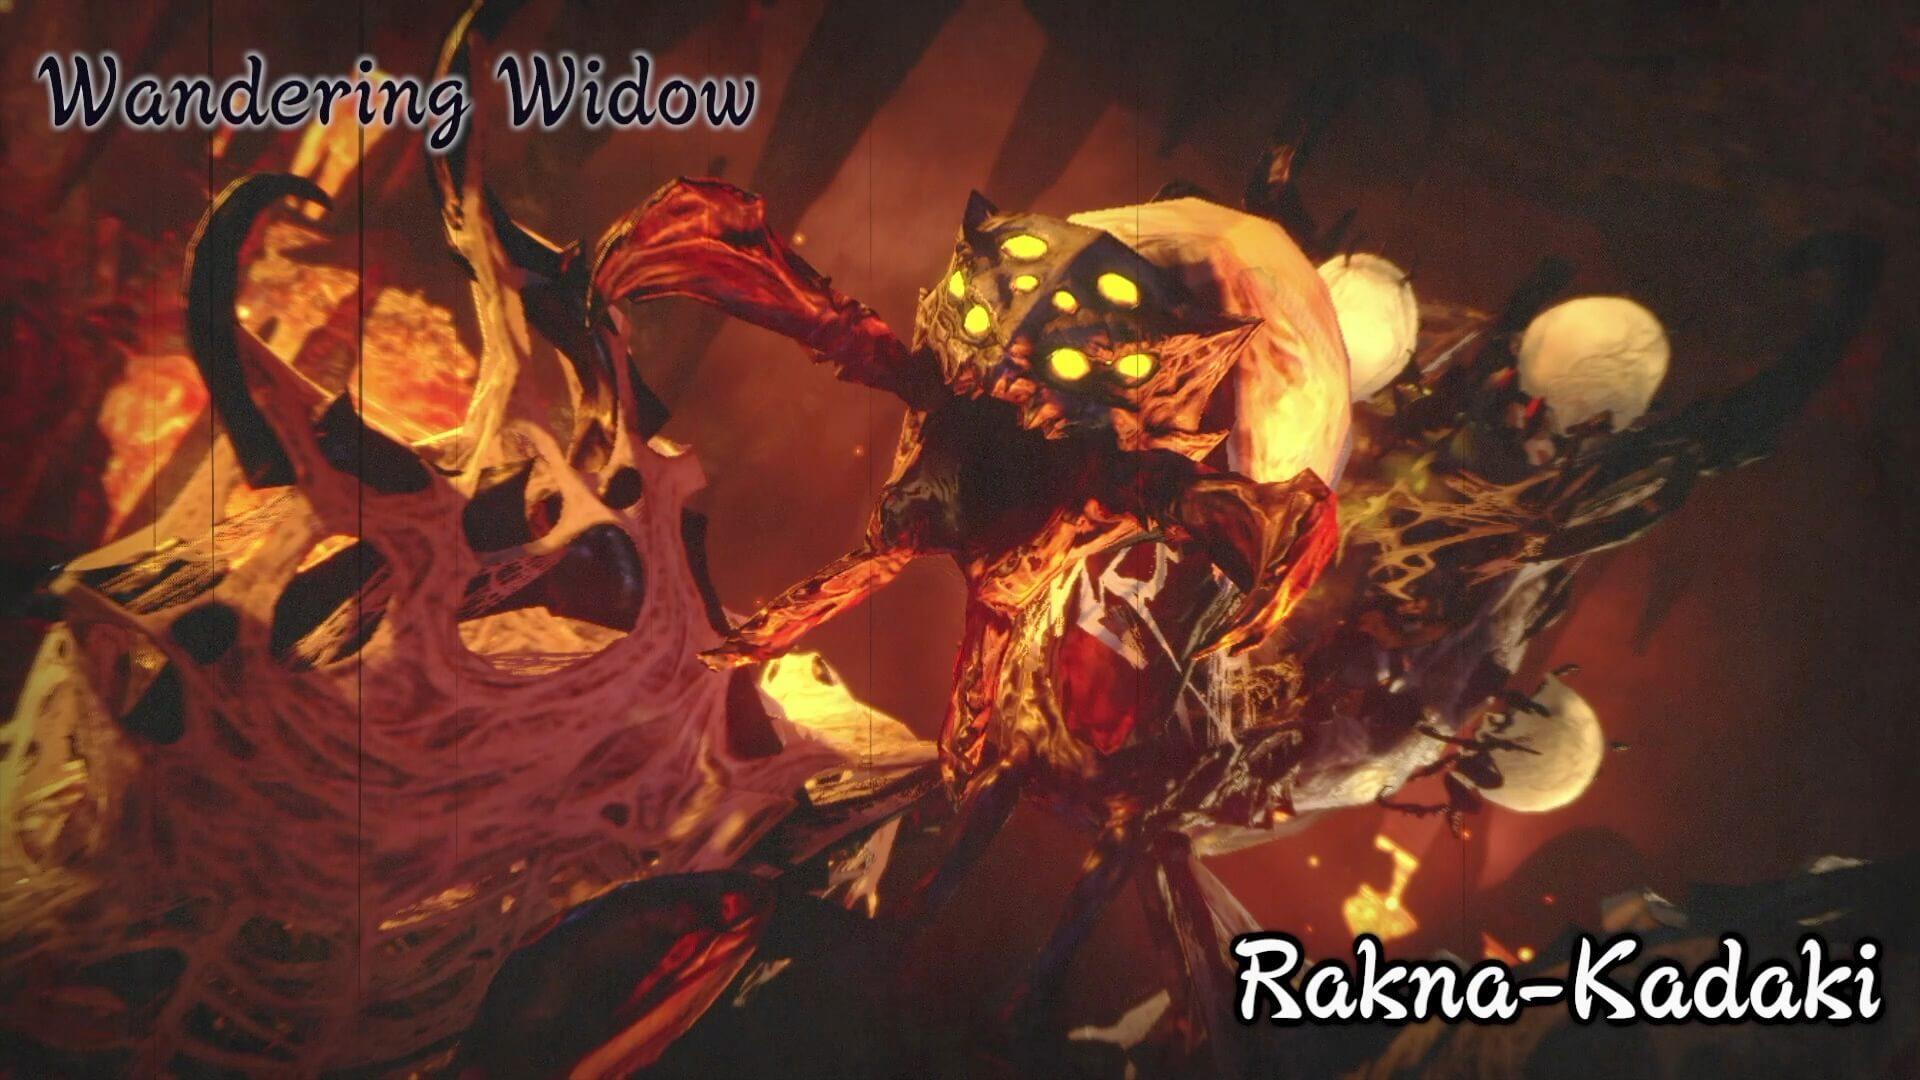 Wandering Widow